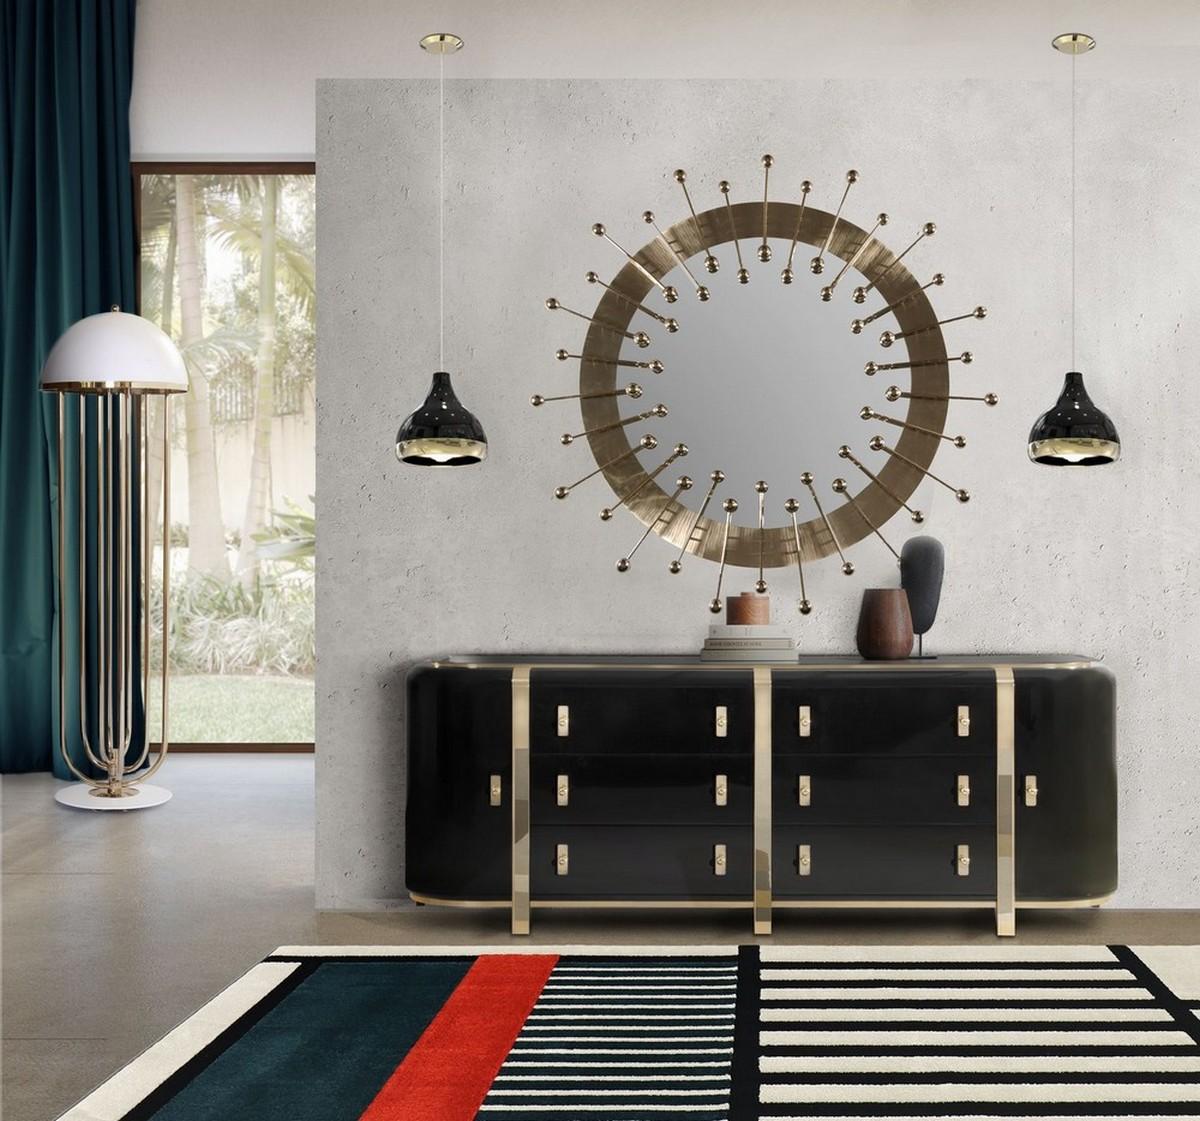 Diseño de Interiores: 5 Espejos para conjugar con un aparador lujuoso diseño de interiores Diseño de Interiores: 5 Espejos para conjugar con un aparador lujuoso qtqIKohw